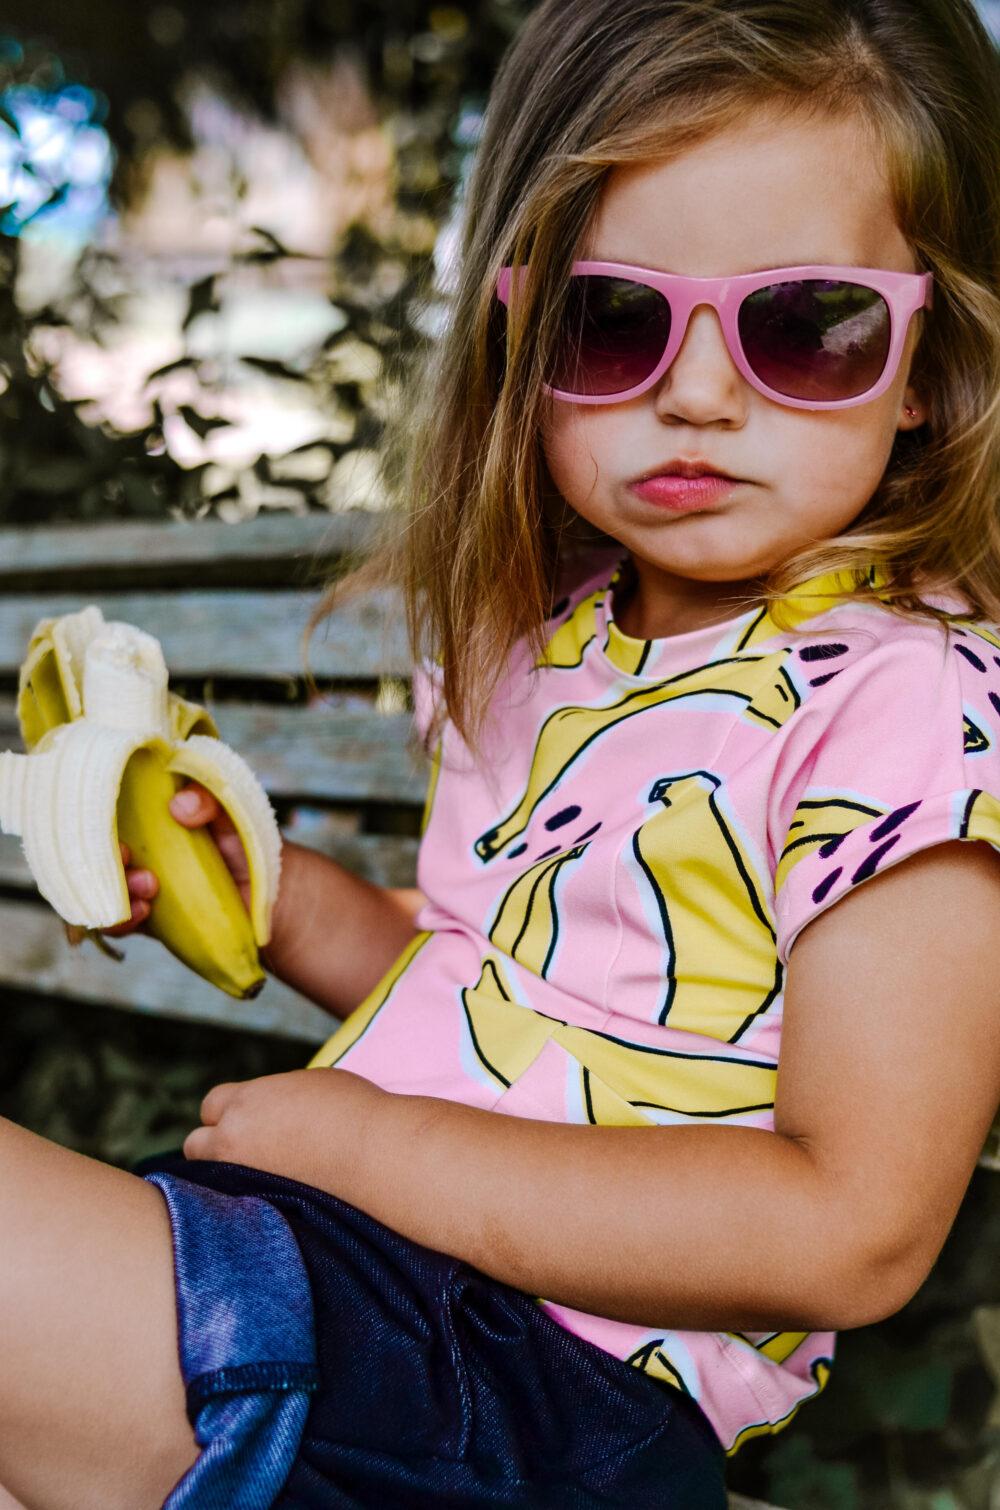 Designbeispiel - Bananas rose